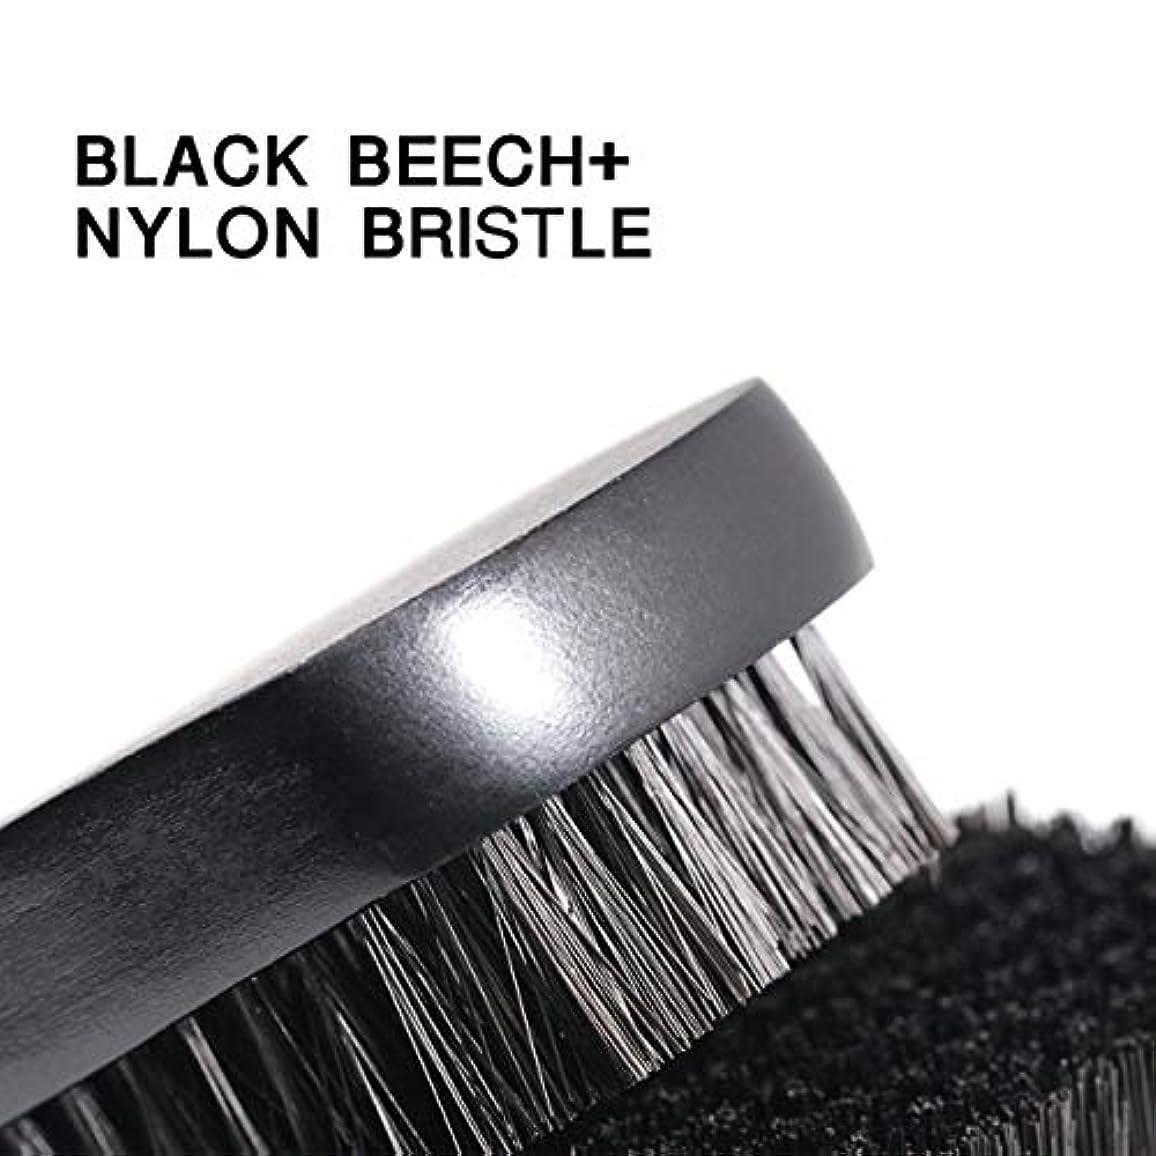 枯渇小道具スクランブル1pc Beard Brush For Men Facial Face Massager Nylon Hair Shaving Brush Wood Handle Massage Cleaner Comb